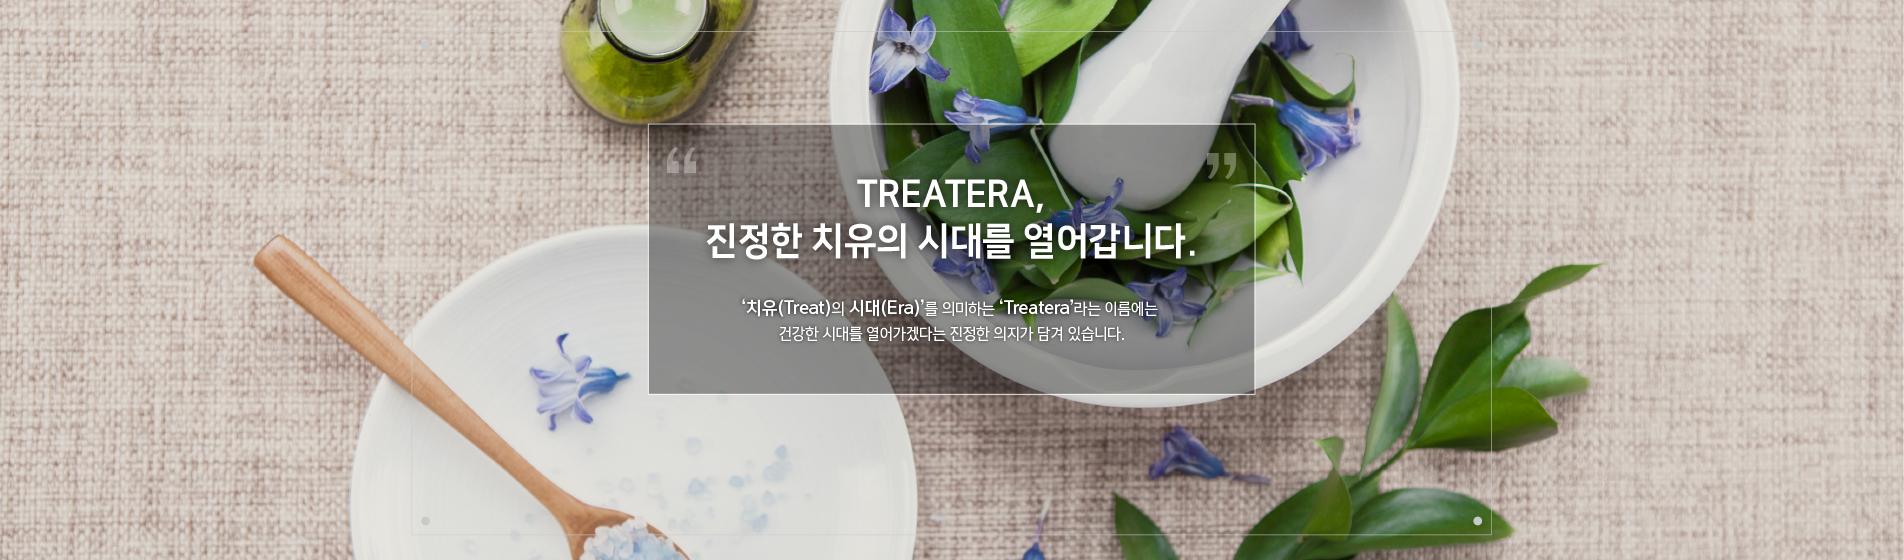 레이아웃_회사소개_내부_이미지002.jpg